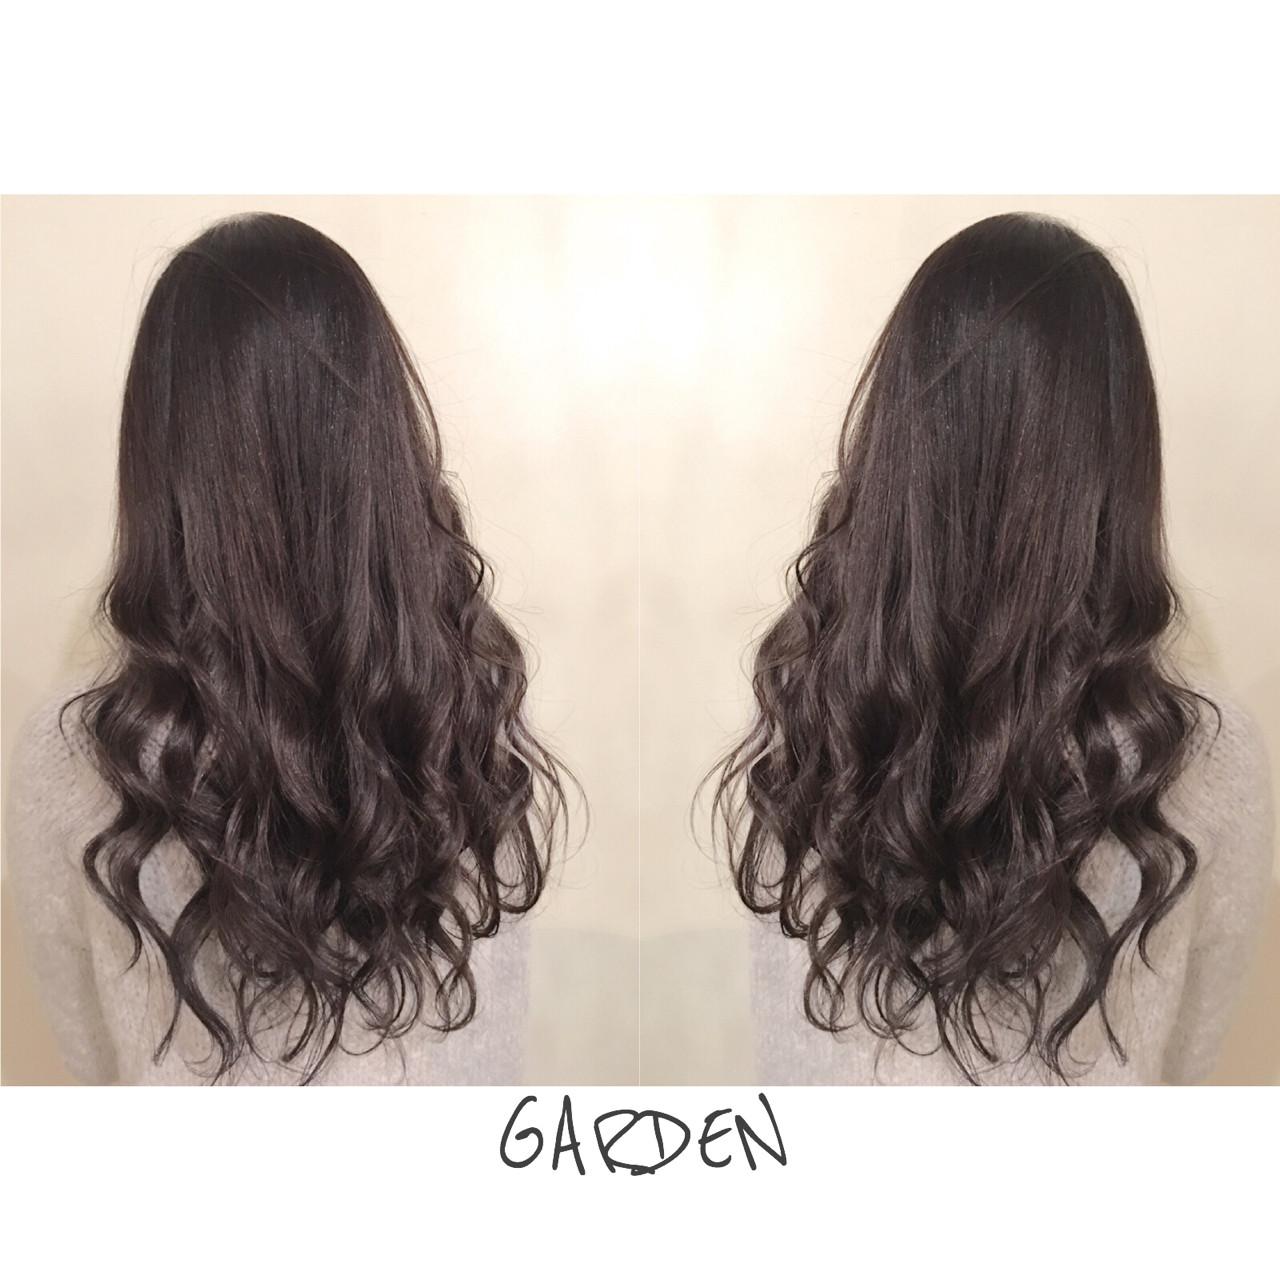 ストリート グラデーションカラー 暗髪 外国人風 ヘアスタイルや髪型の写真・画像 | 北村 亮 / LAiLY by GARDEN